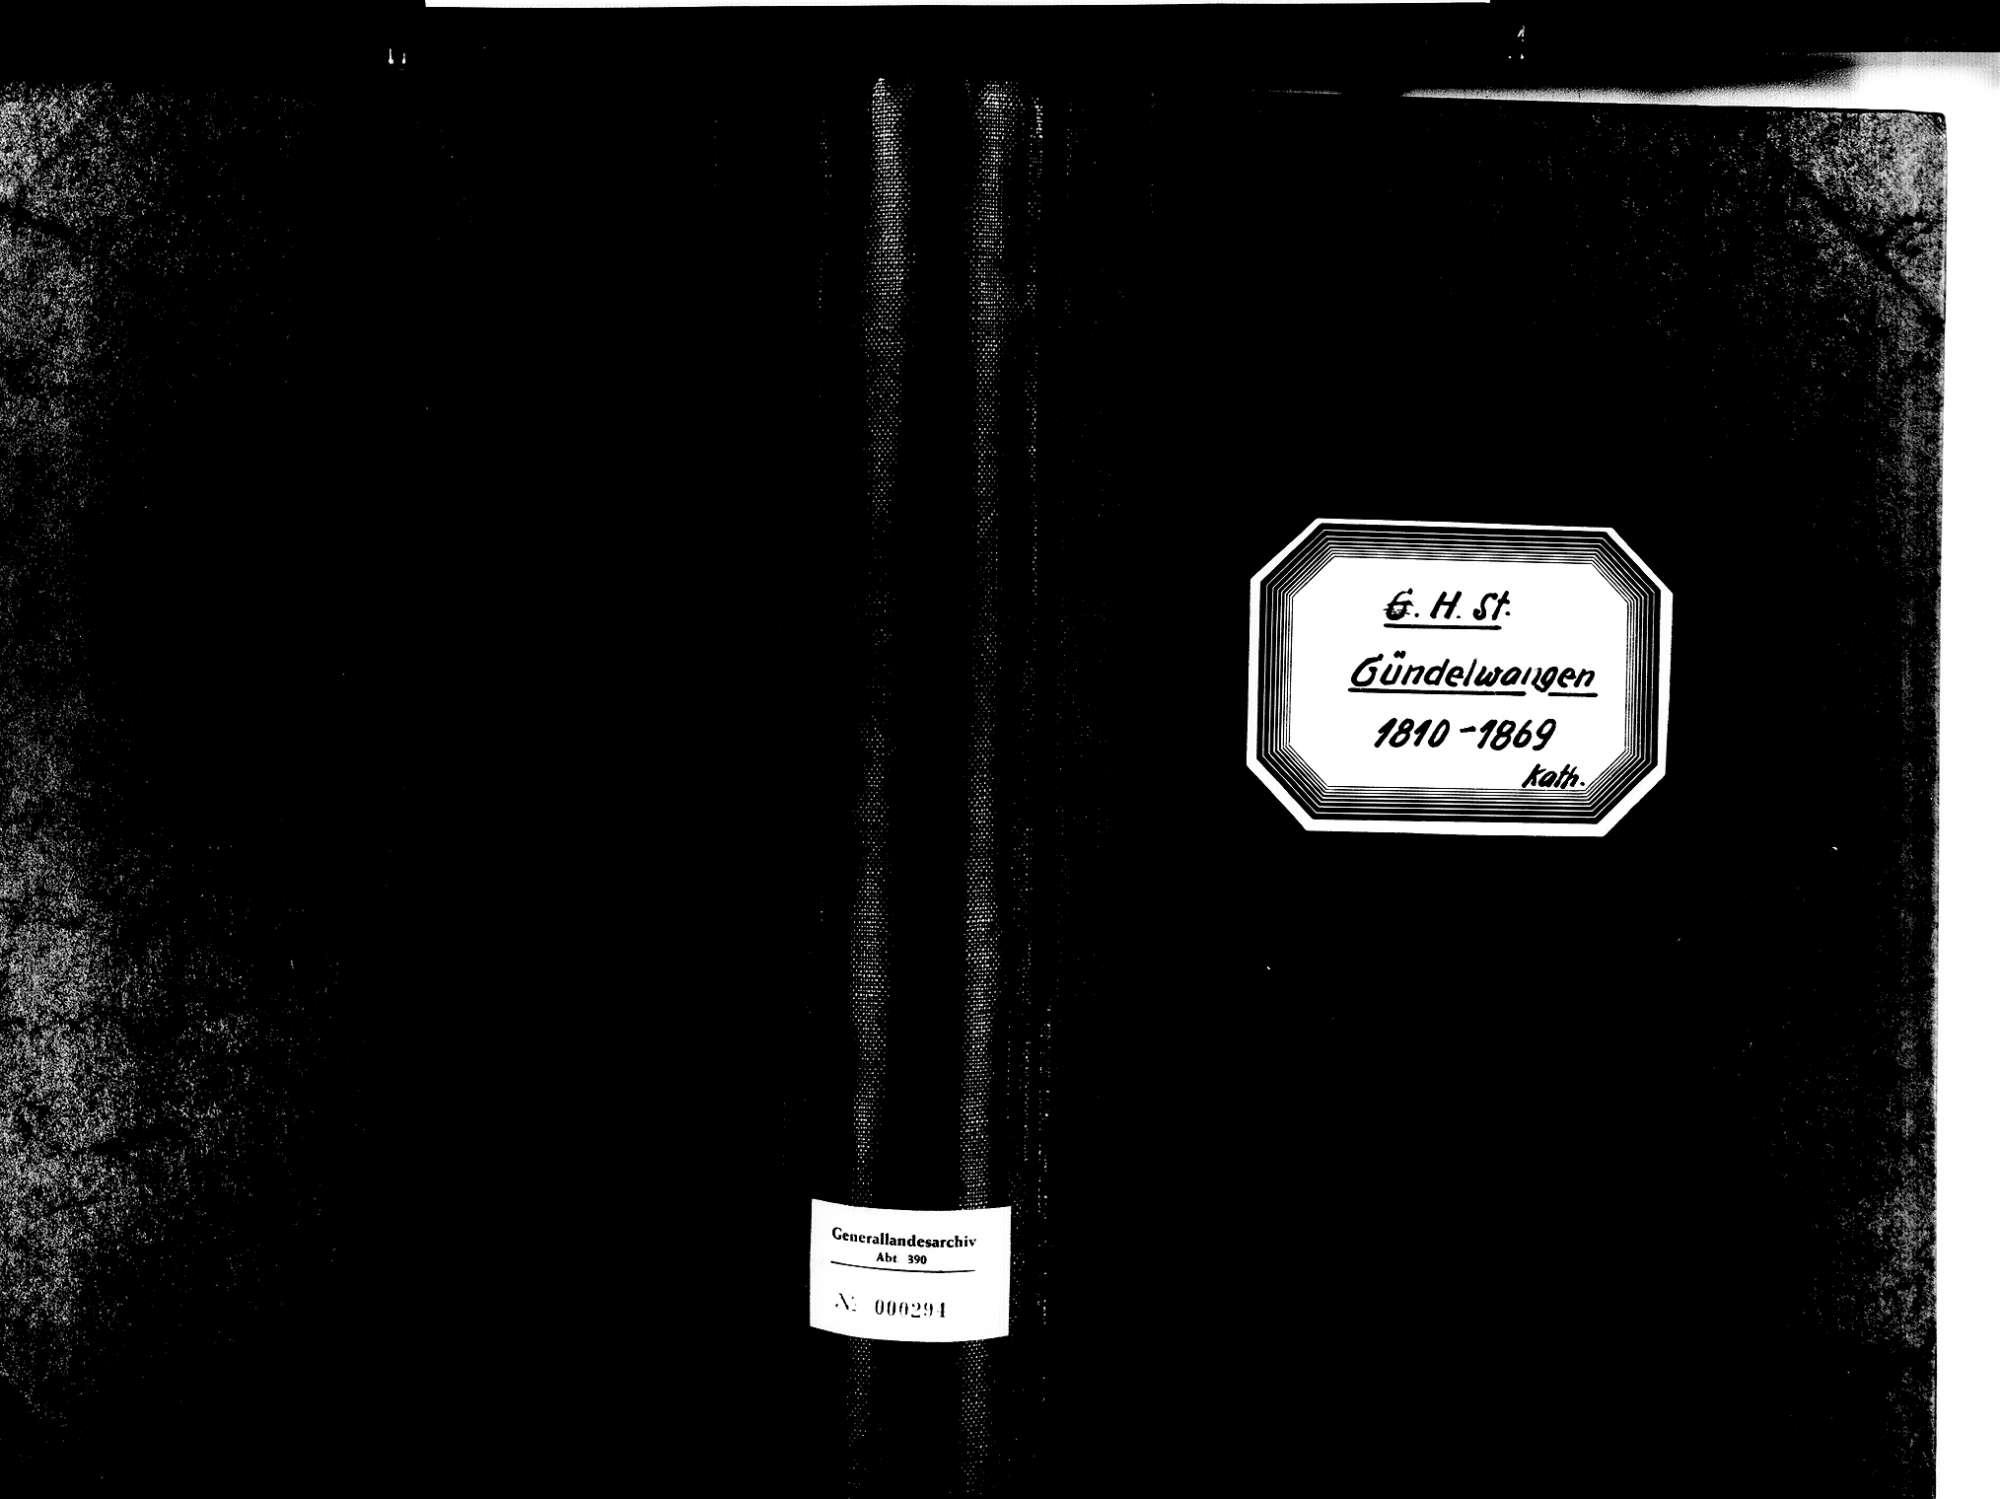 Gündelwangen, Bonndorf im Schwarzwald WT; Katholische Gemeinde: Heirats- und Sterbebuch 1810-1869, Bild 1